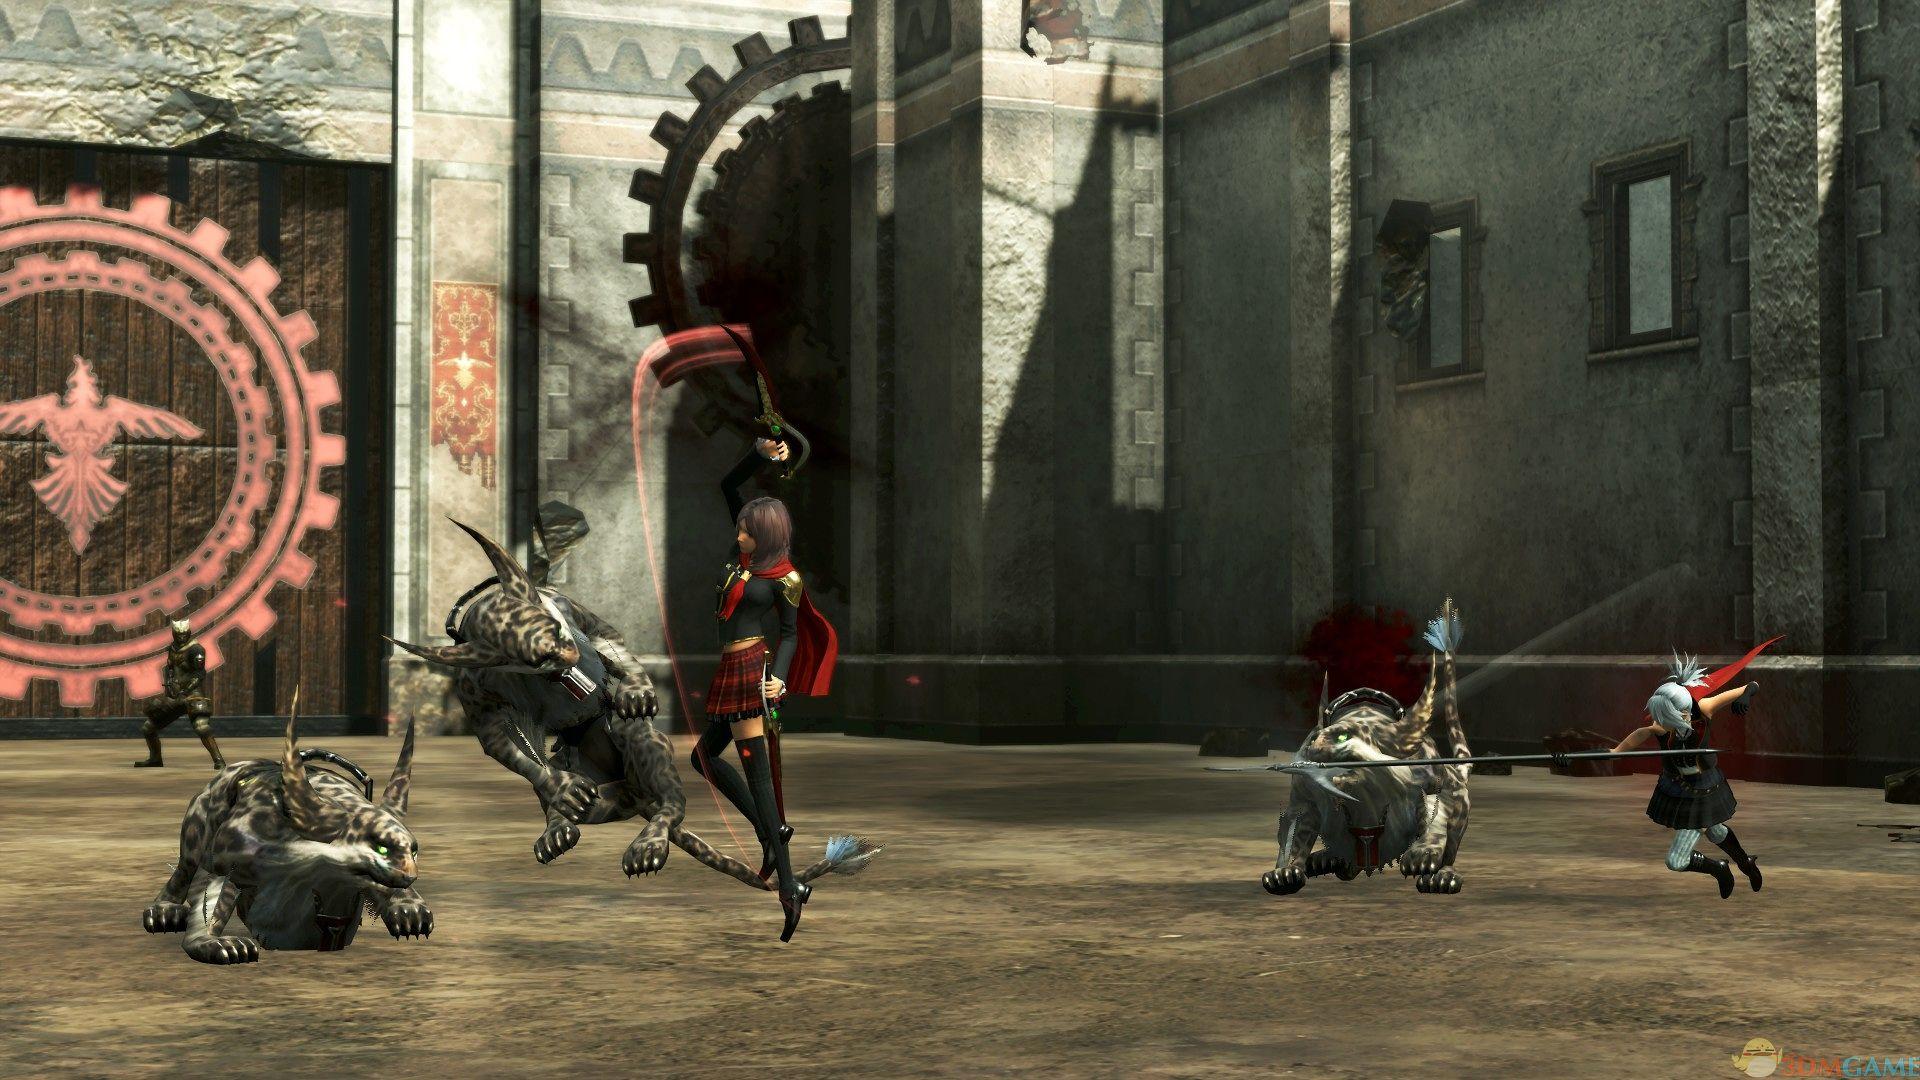 最终幻想:零式HD 1号升级档+破解补丁[3DM]